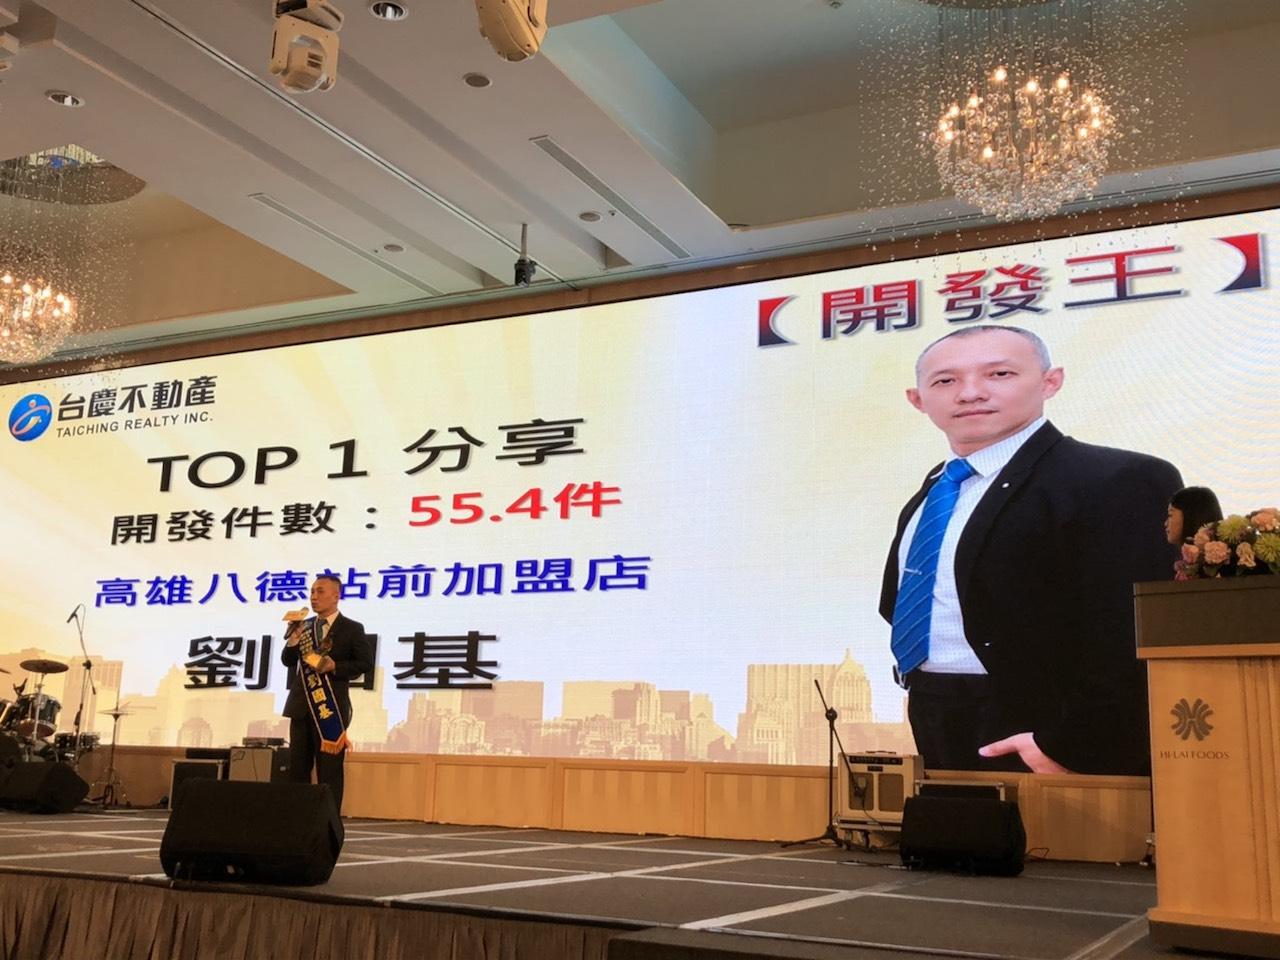 台慶不動產劉國基連續2年業績突破3千萬 力拼今年底開第3間店